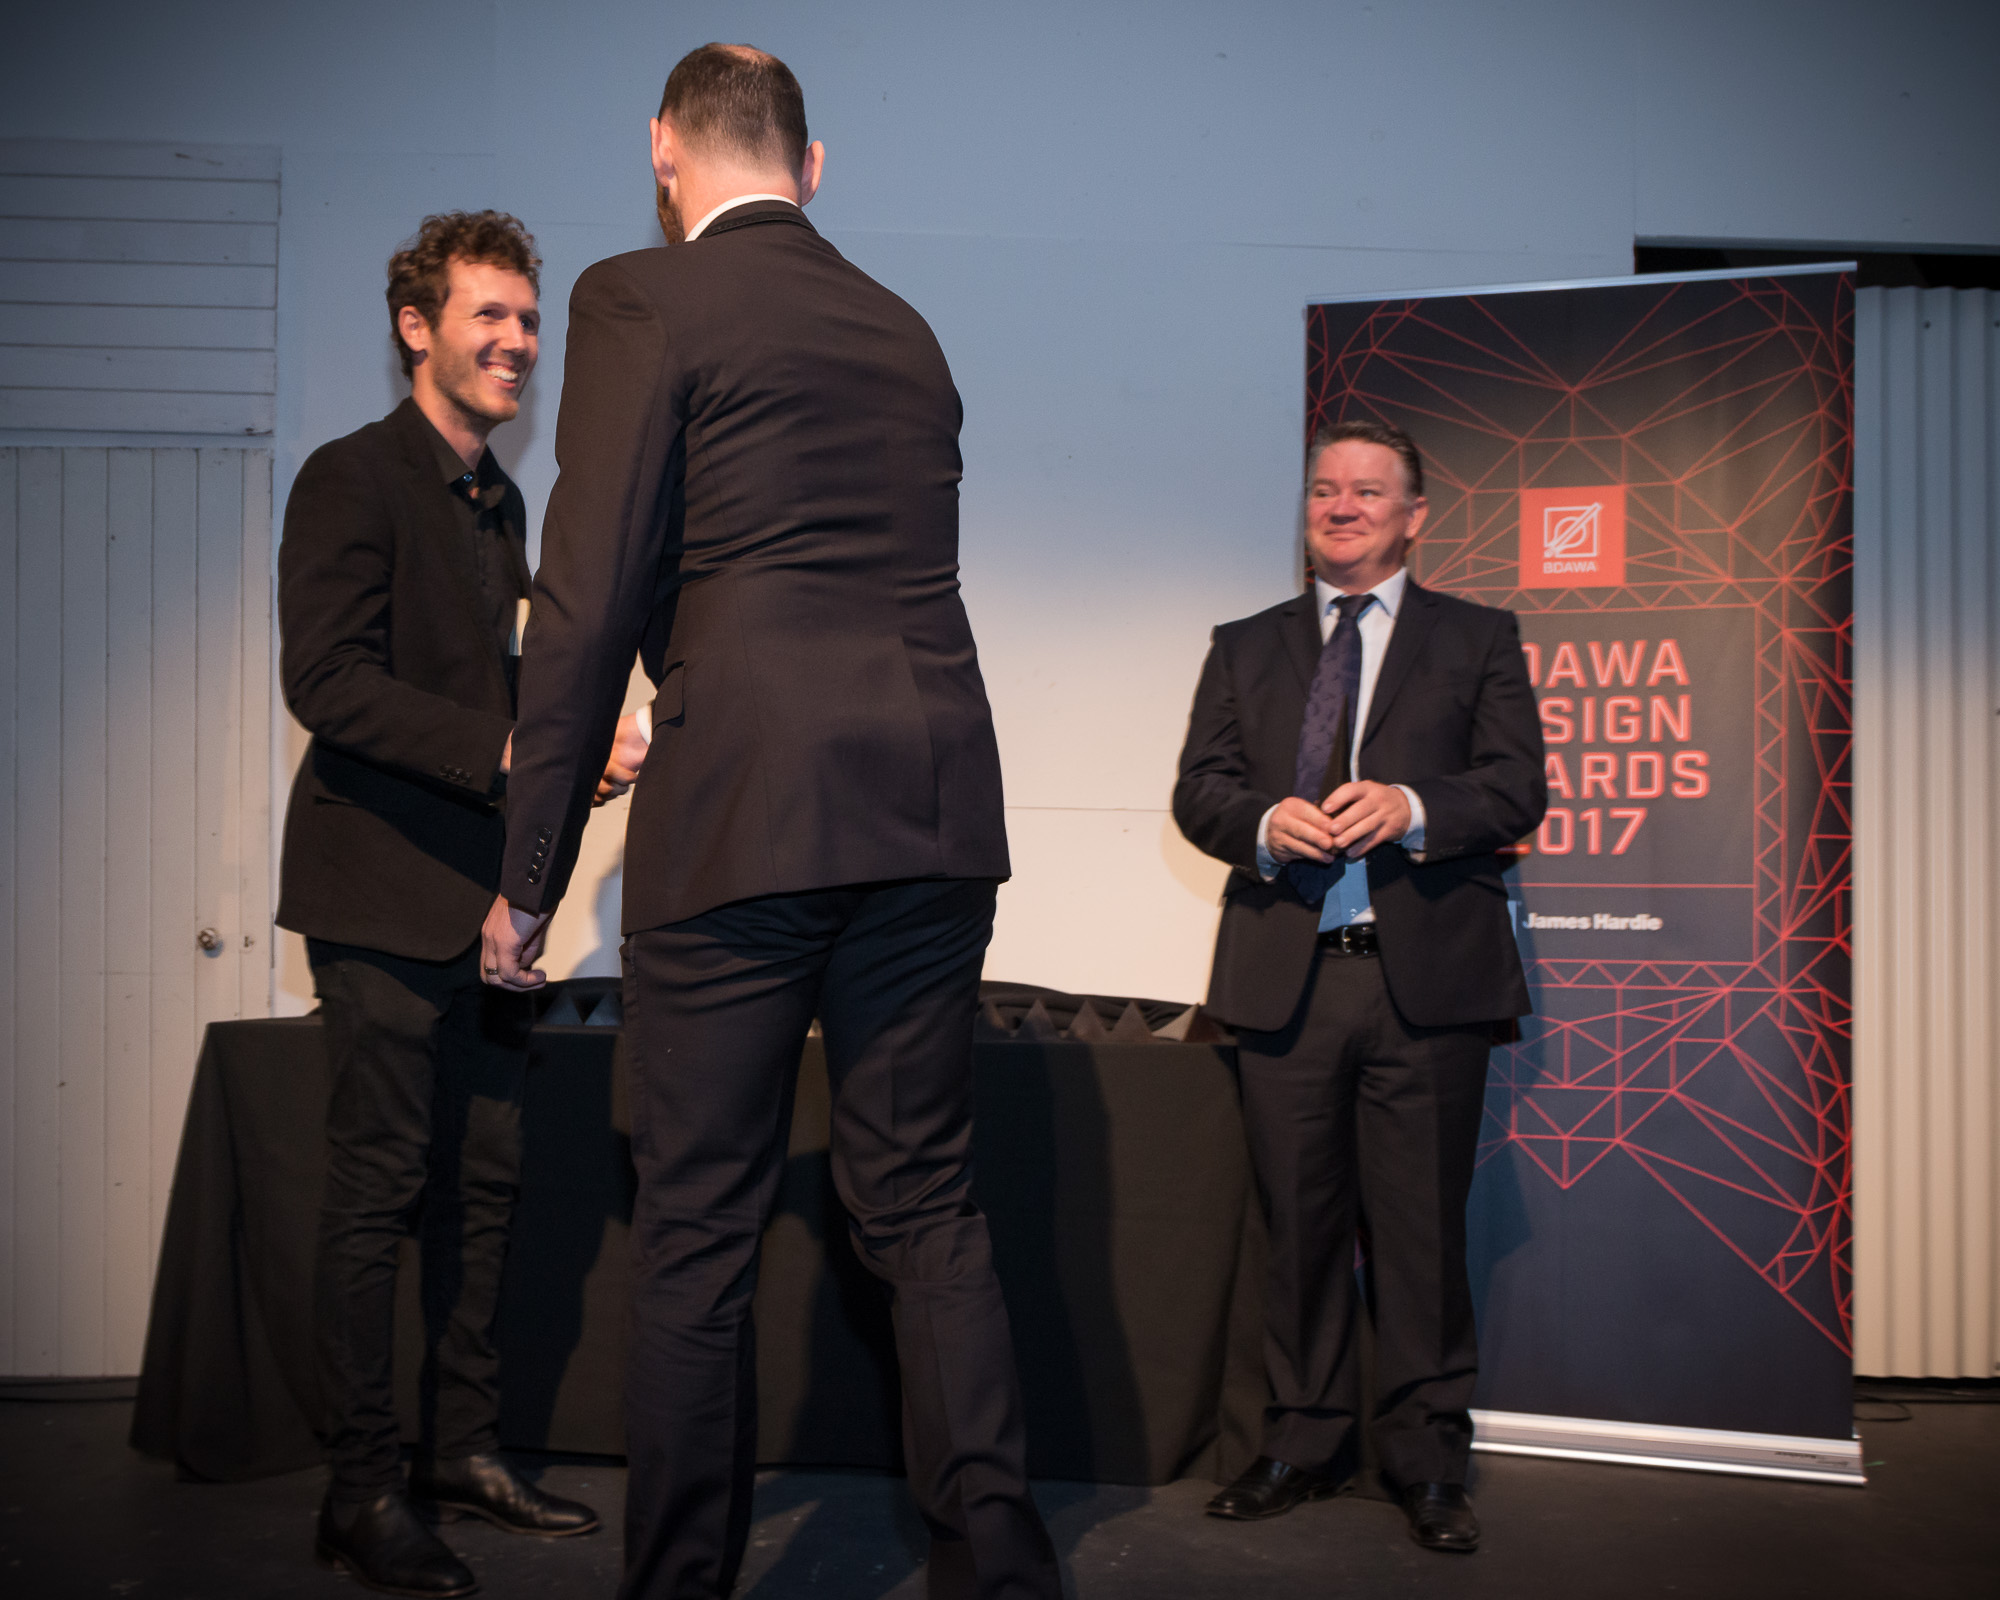 0149 BDA WA Awards 2017 _JHG7392.jpg